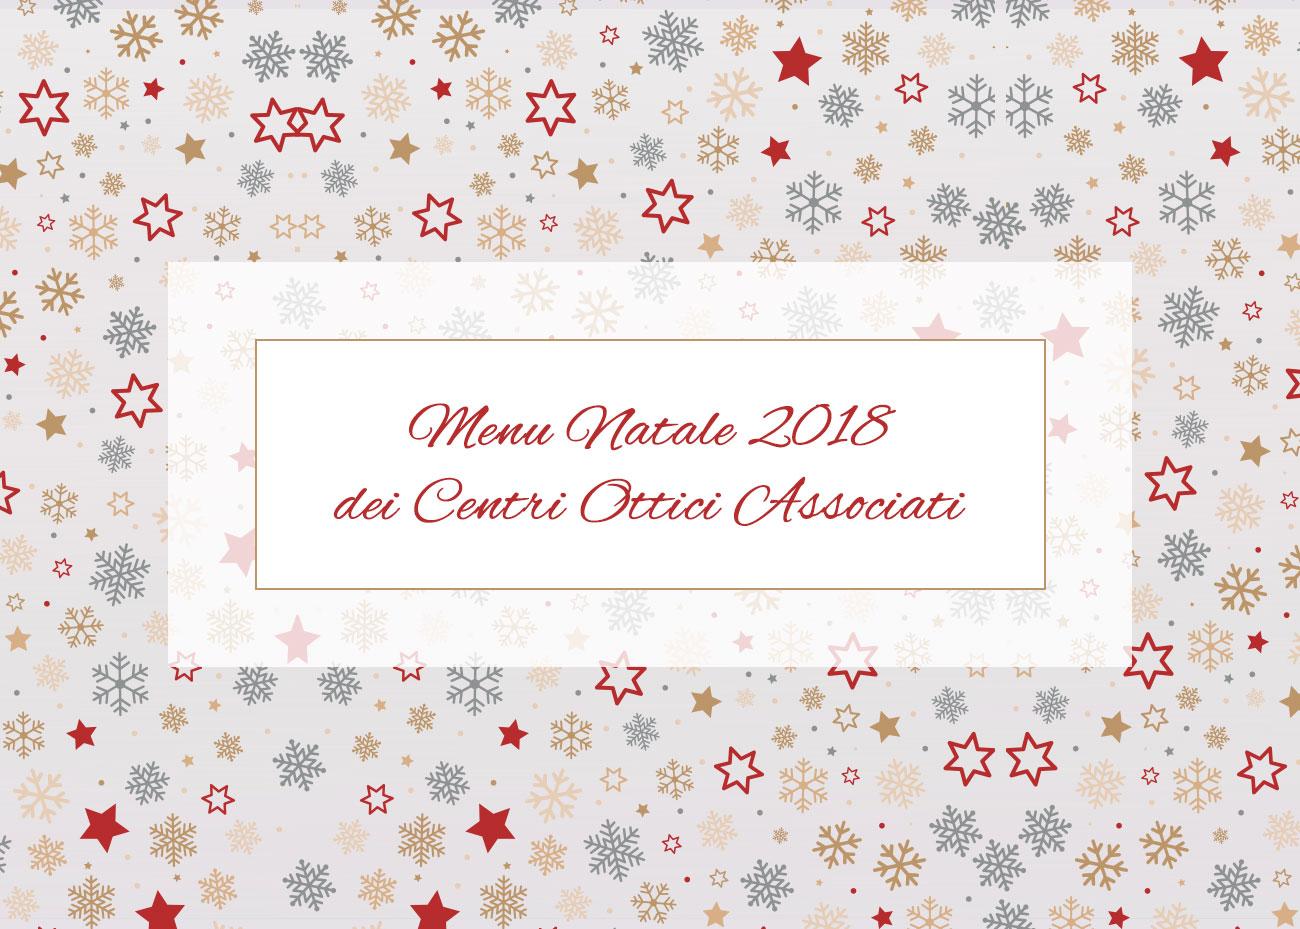 menu-natale-2018-centri-ottici-associati